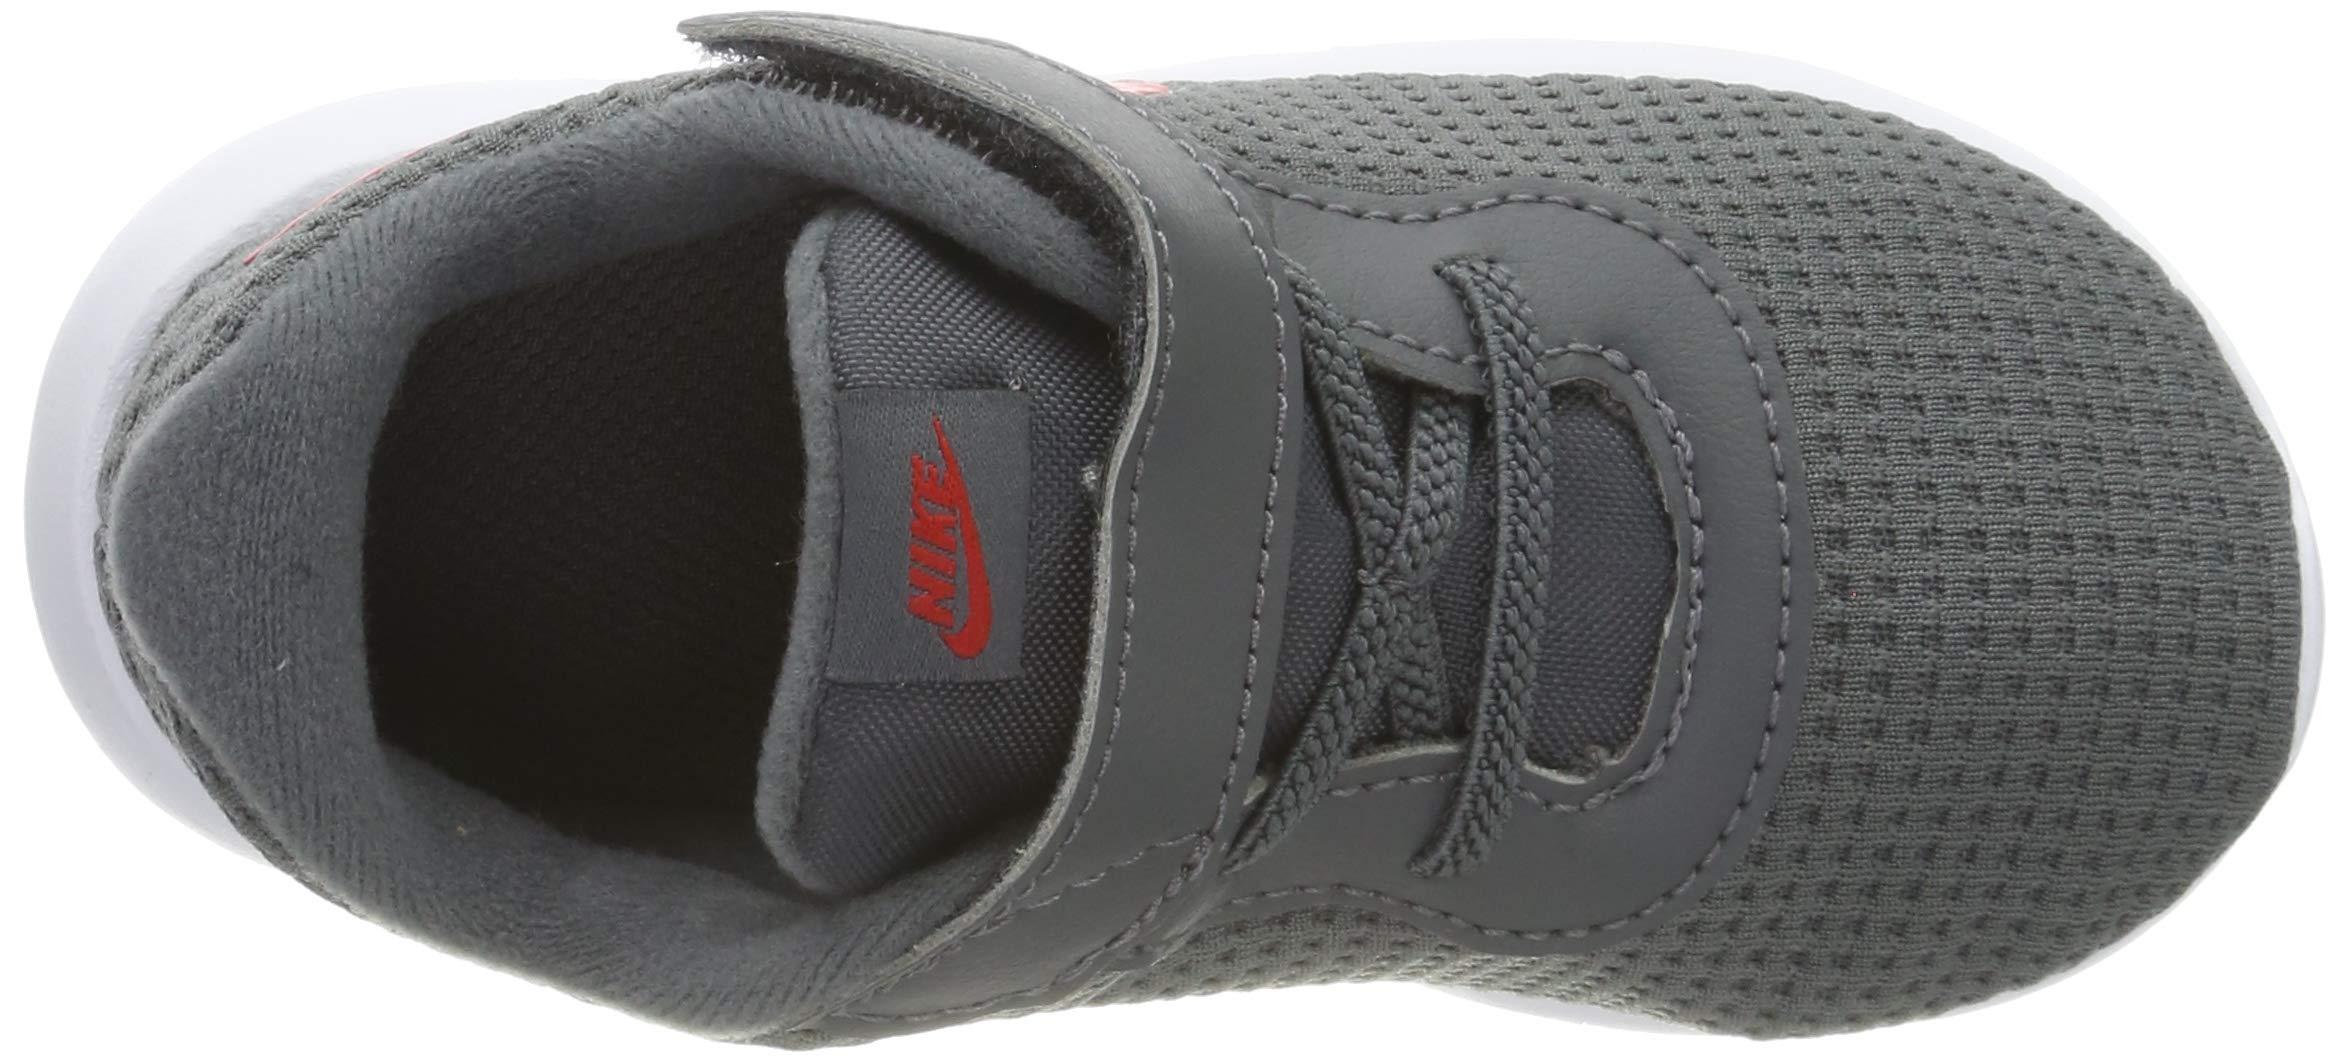 Nike Kid's Tanjun Running Shoe (7 M US Toddler, Dark Grey/University Red/White) by Nike (Image #7)